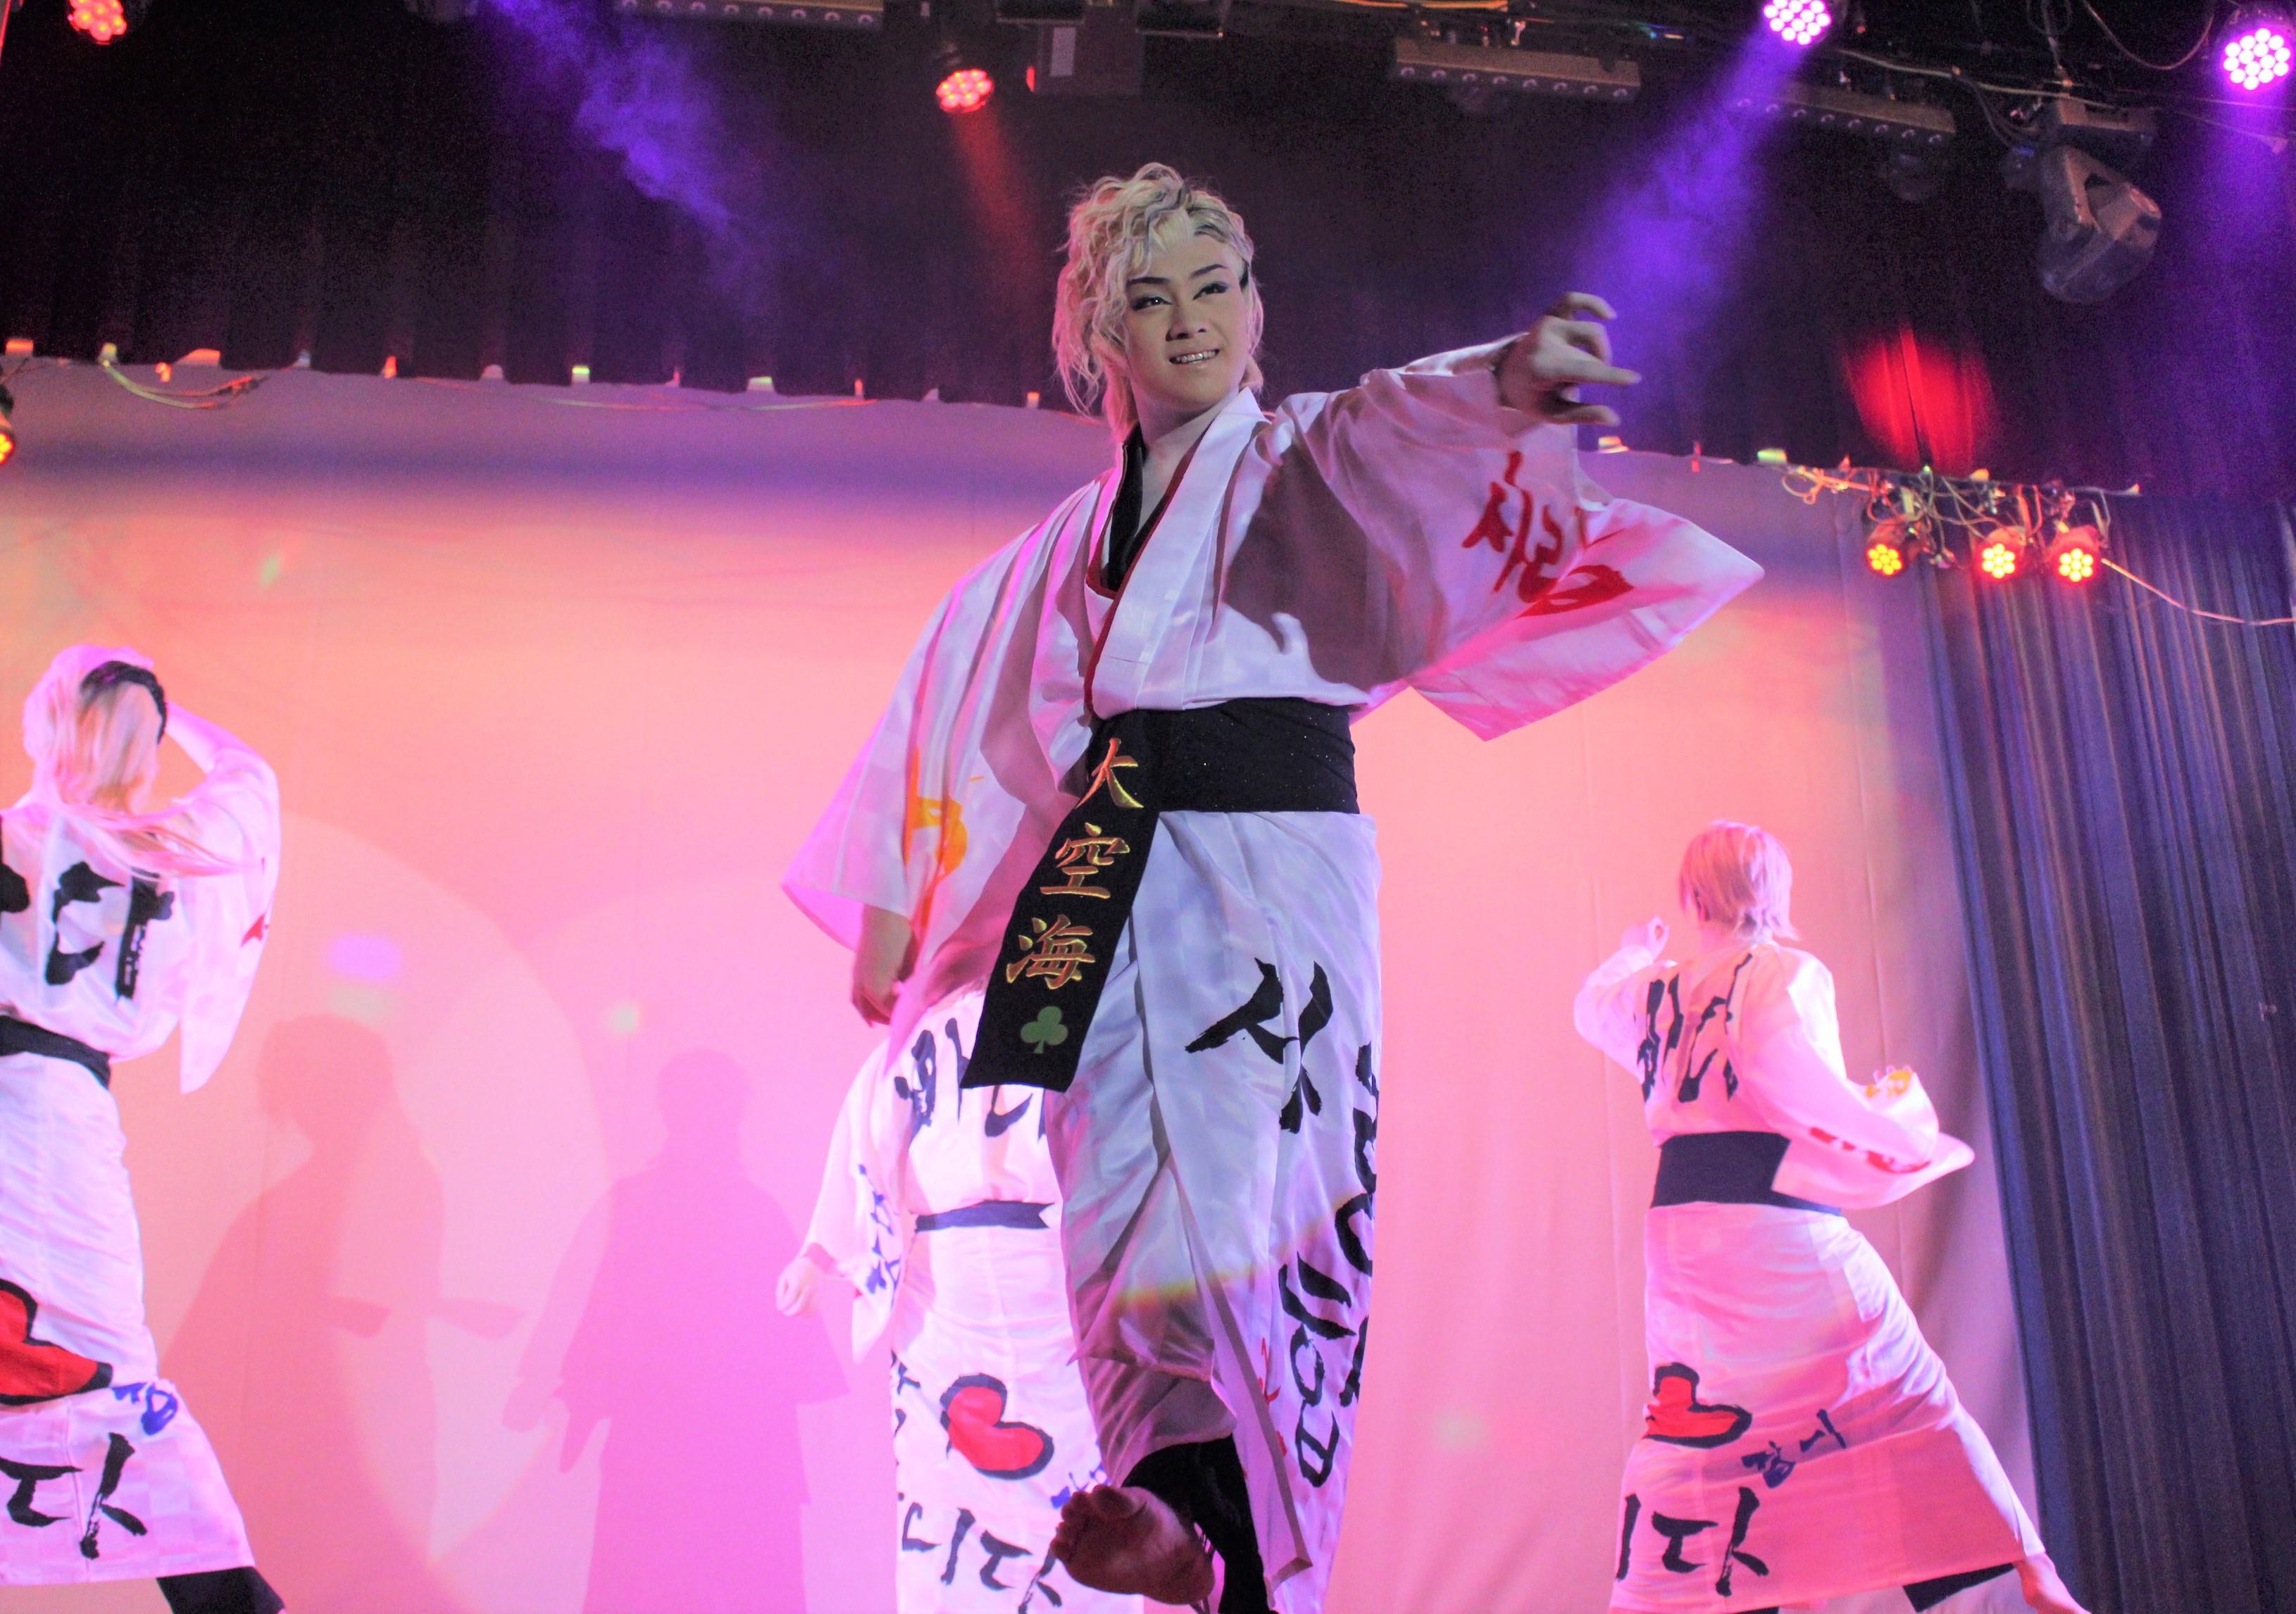 ダンスのメインは18歳の浅井大空海(たくみ) かっこカワイイとK-POPファンにも人気!